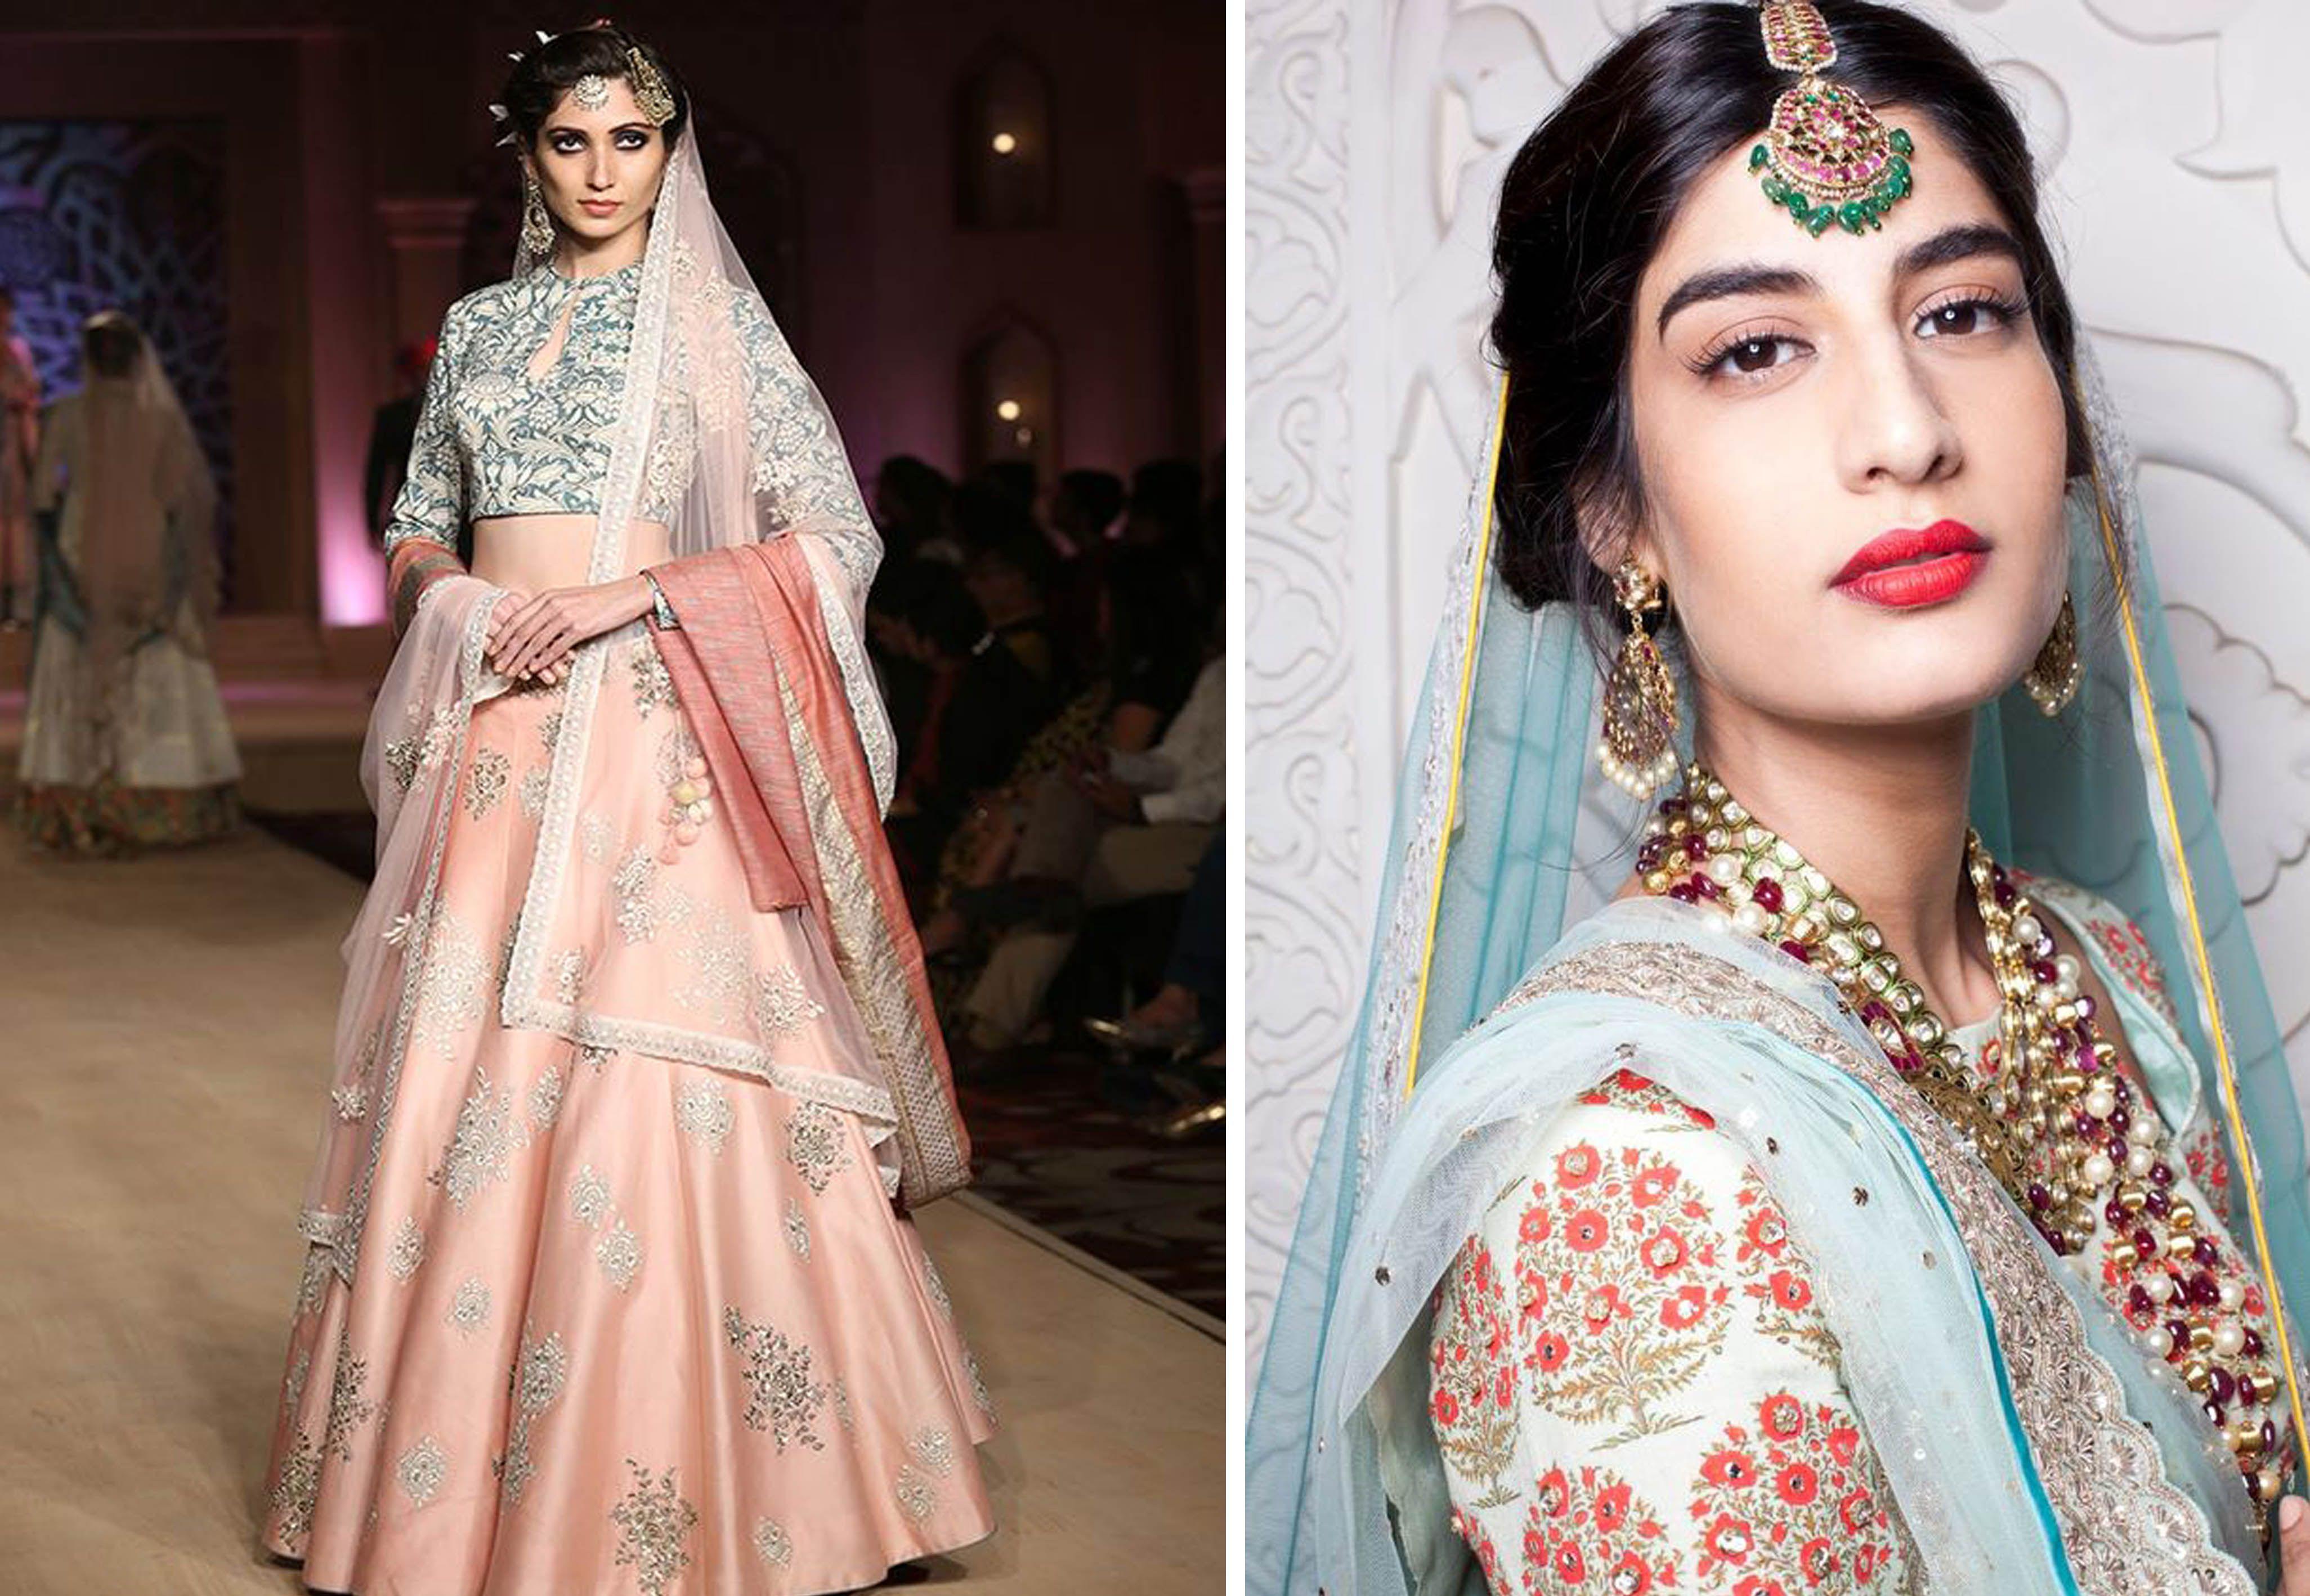 Modern Day Bridal Lehenga Choli Designs By Bollywood Fashion Designer Anju Modi Fashion Bollywood Fashion Indian Fashion